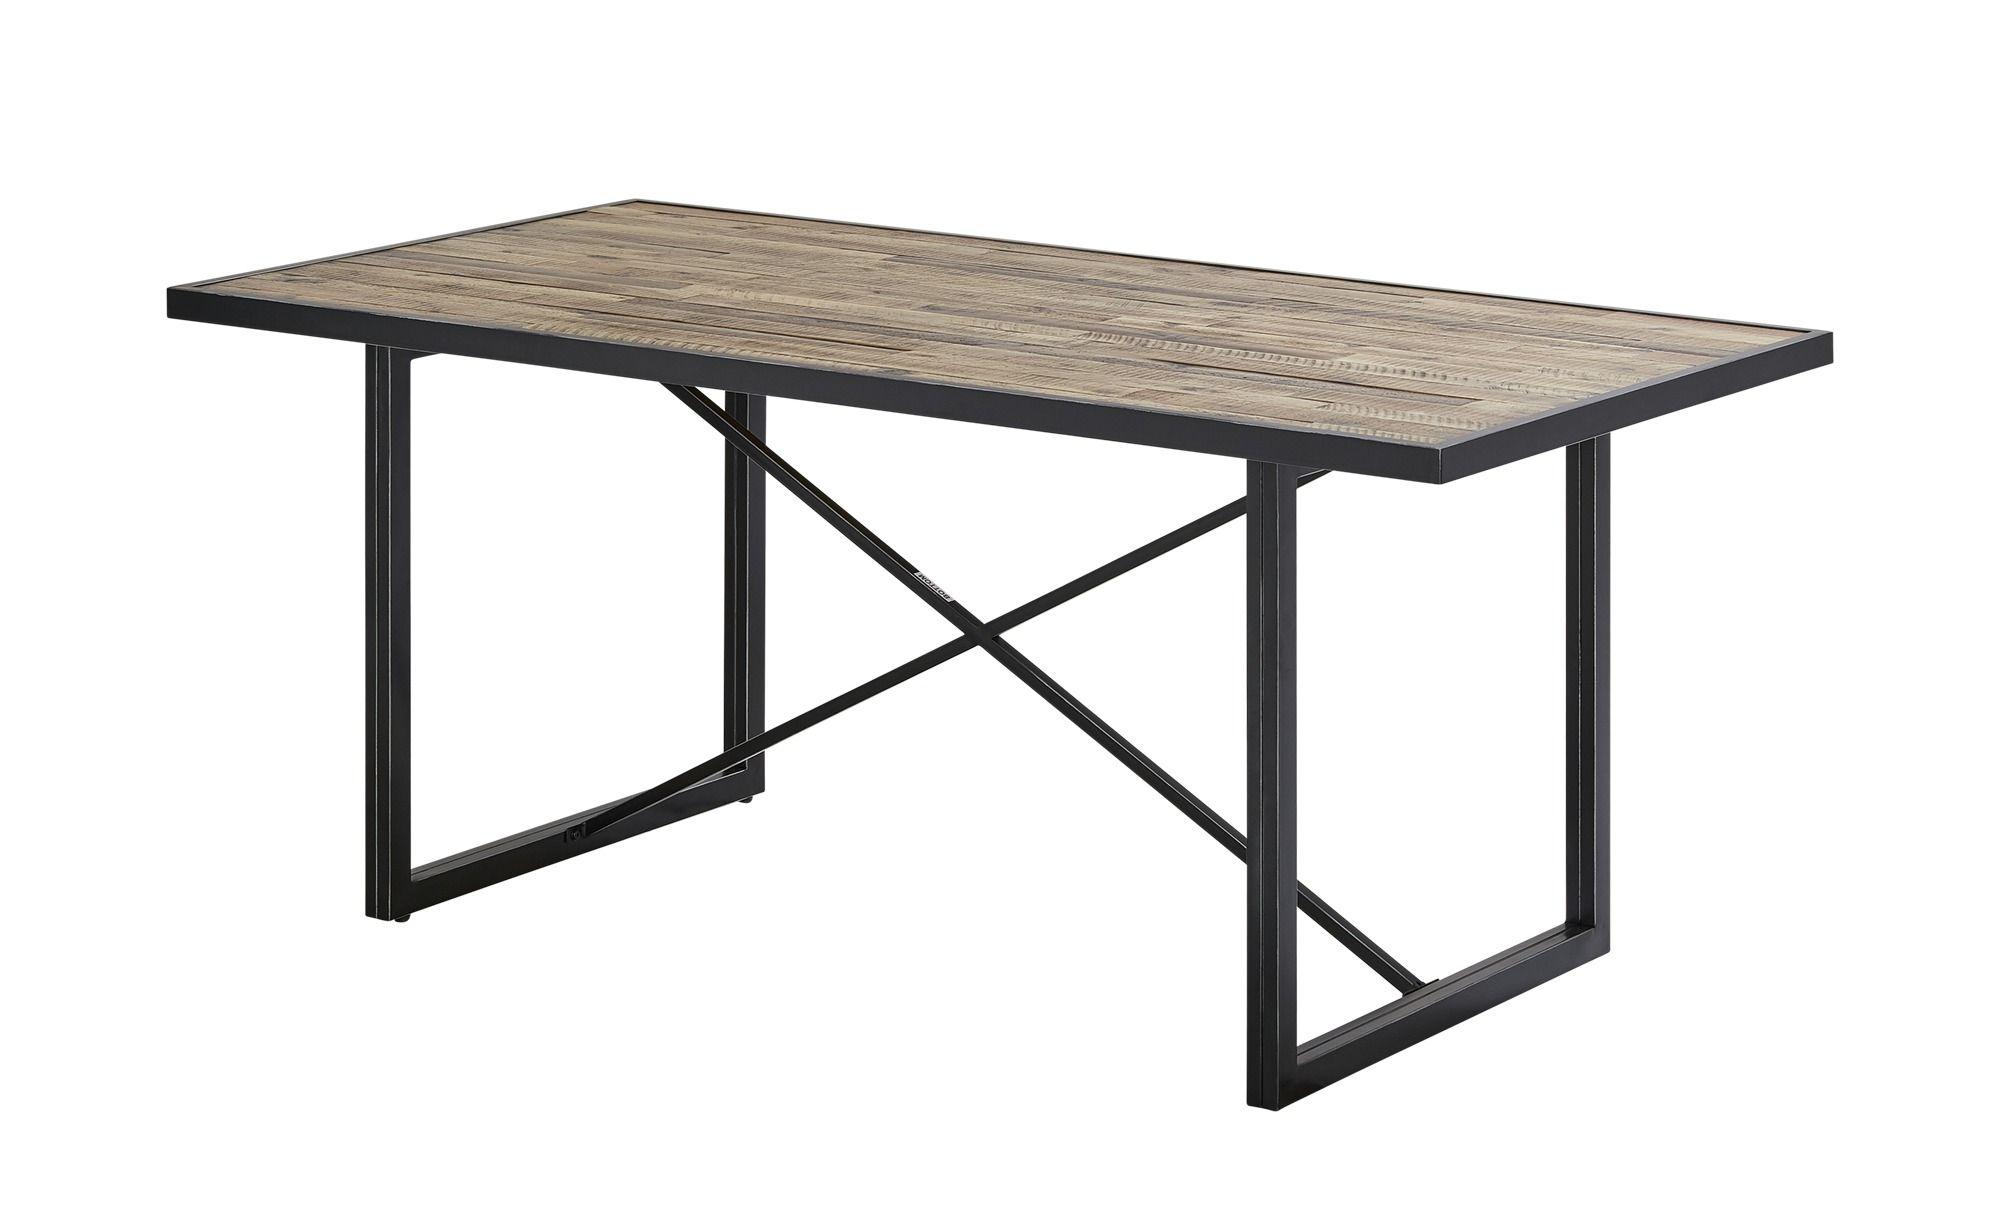 Amüsant Esstisch 120x80 Ausziehbar Beste Wahl ölen Holztisch | Eiche | Glas Mit